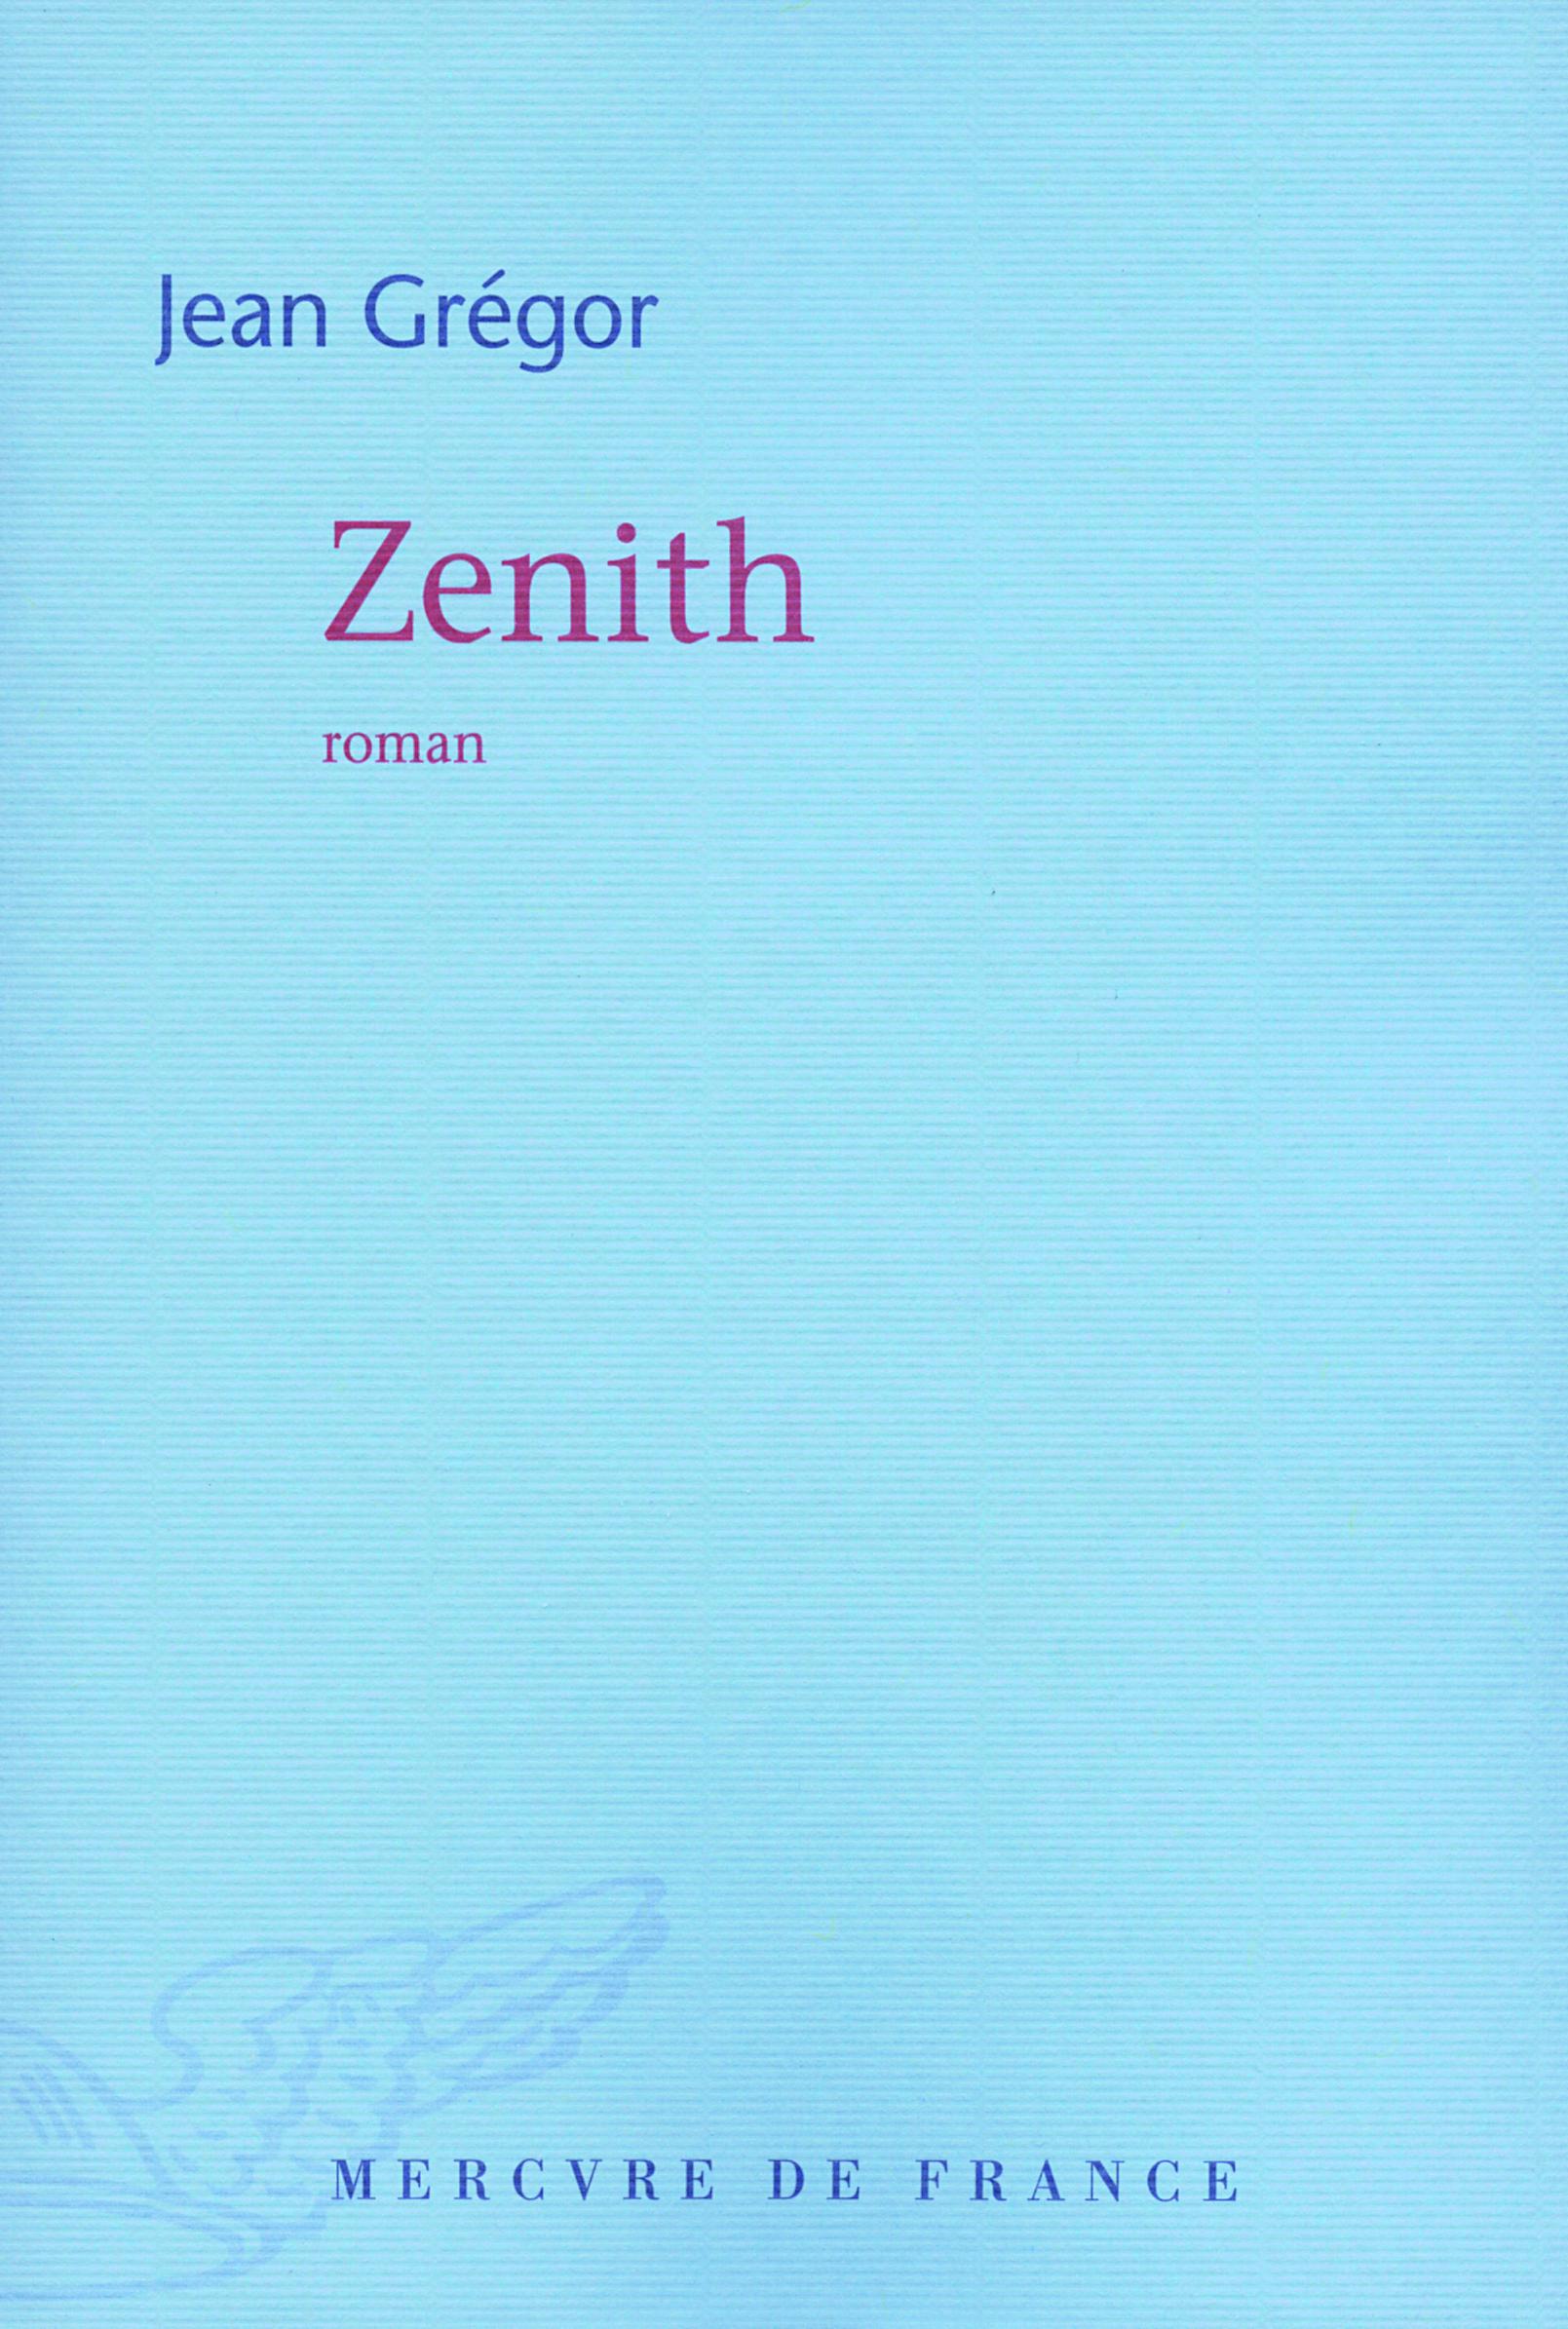 ZENITH ROMAN